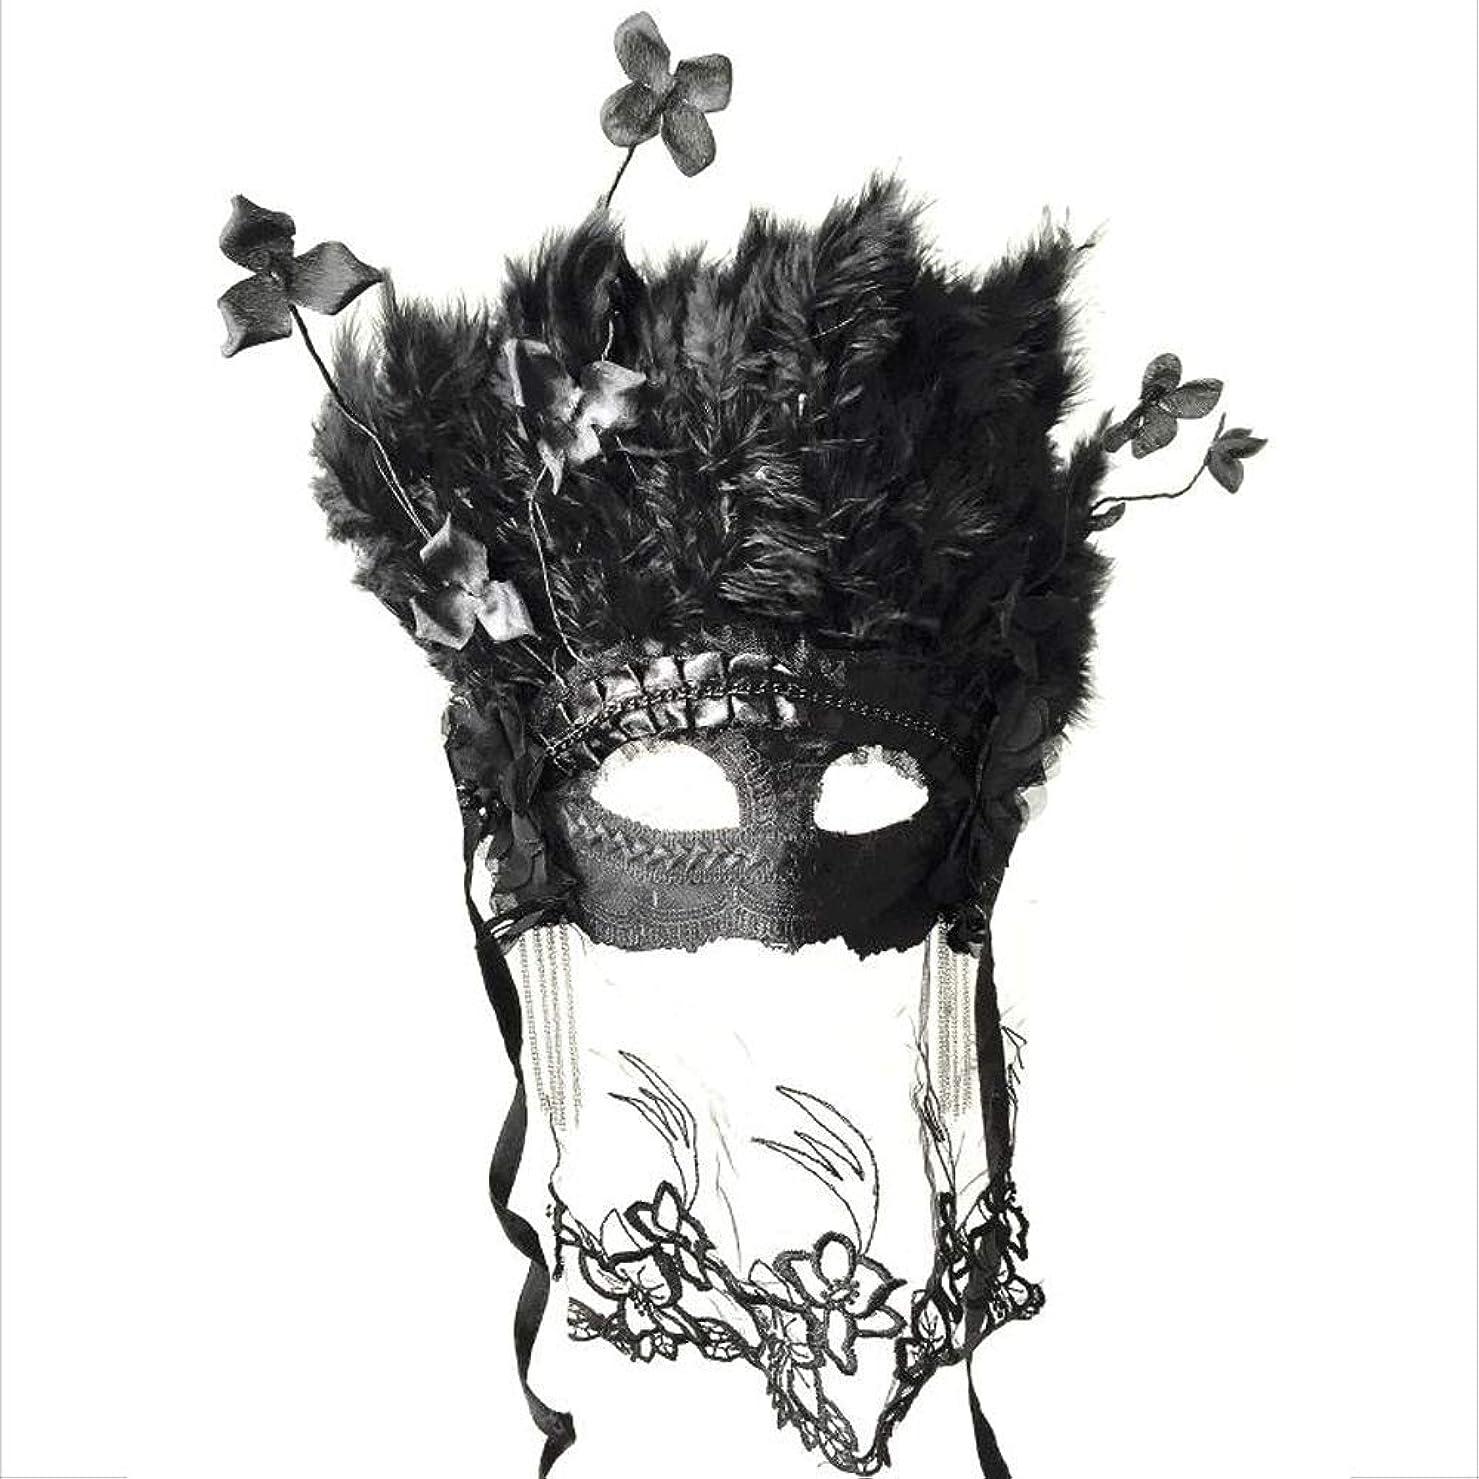 経度比類なき胃Nanle ハロウィンクリスマスベールドライフラワーフェザータッセルマスク仮装マスクレディミスプリンセス美容祭パーティーデコレーションマスク